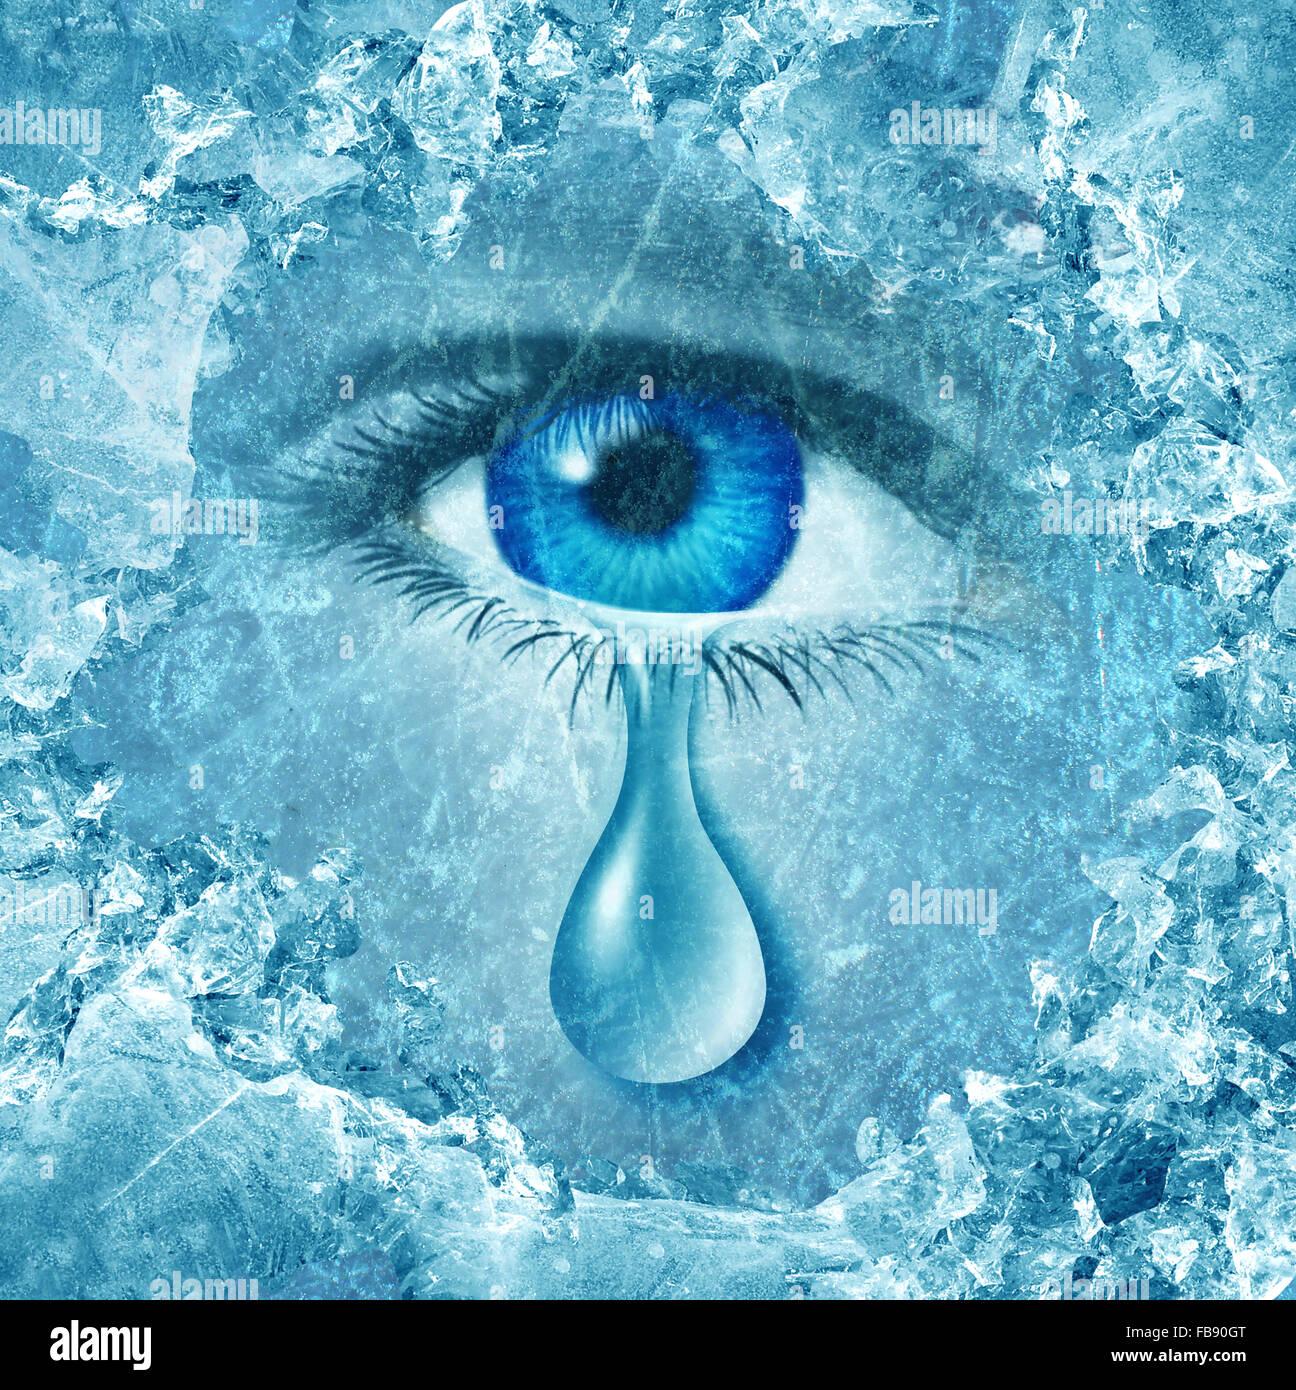 Invierno trastorno afectivo estacional o depresión y fría temporada gris solitaria ansiedad y crisis emocional Imagen De Stock